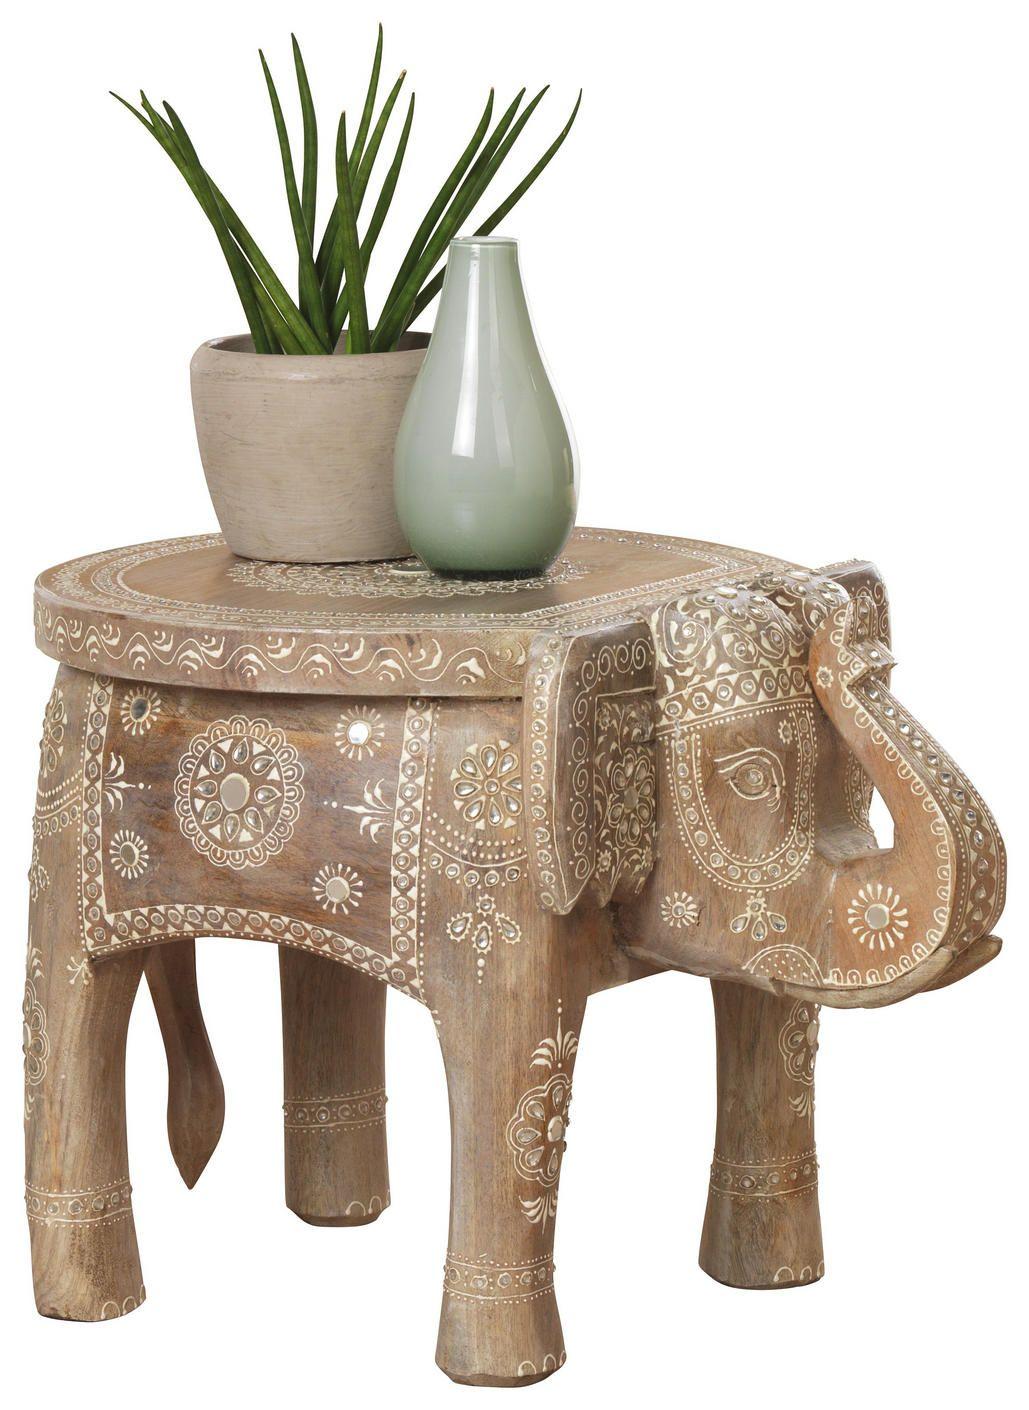 Orientalischer Beistelltisch Elefant Mit Afrikanischem Muster